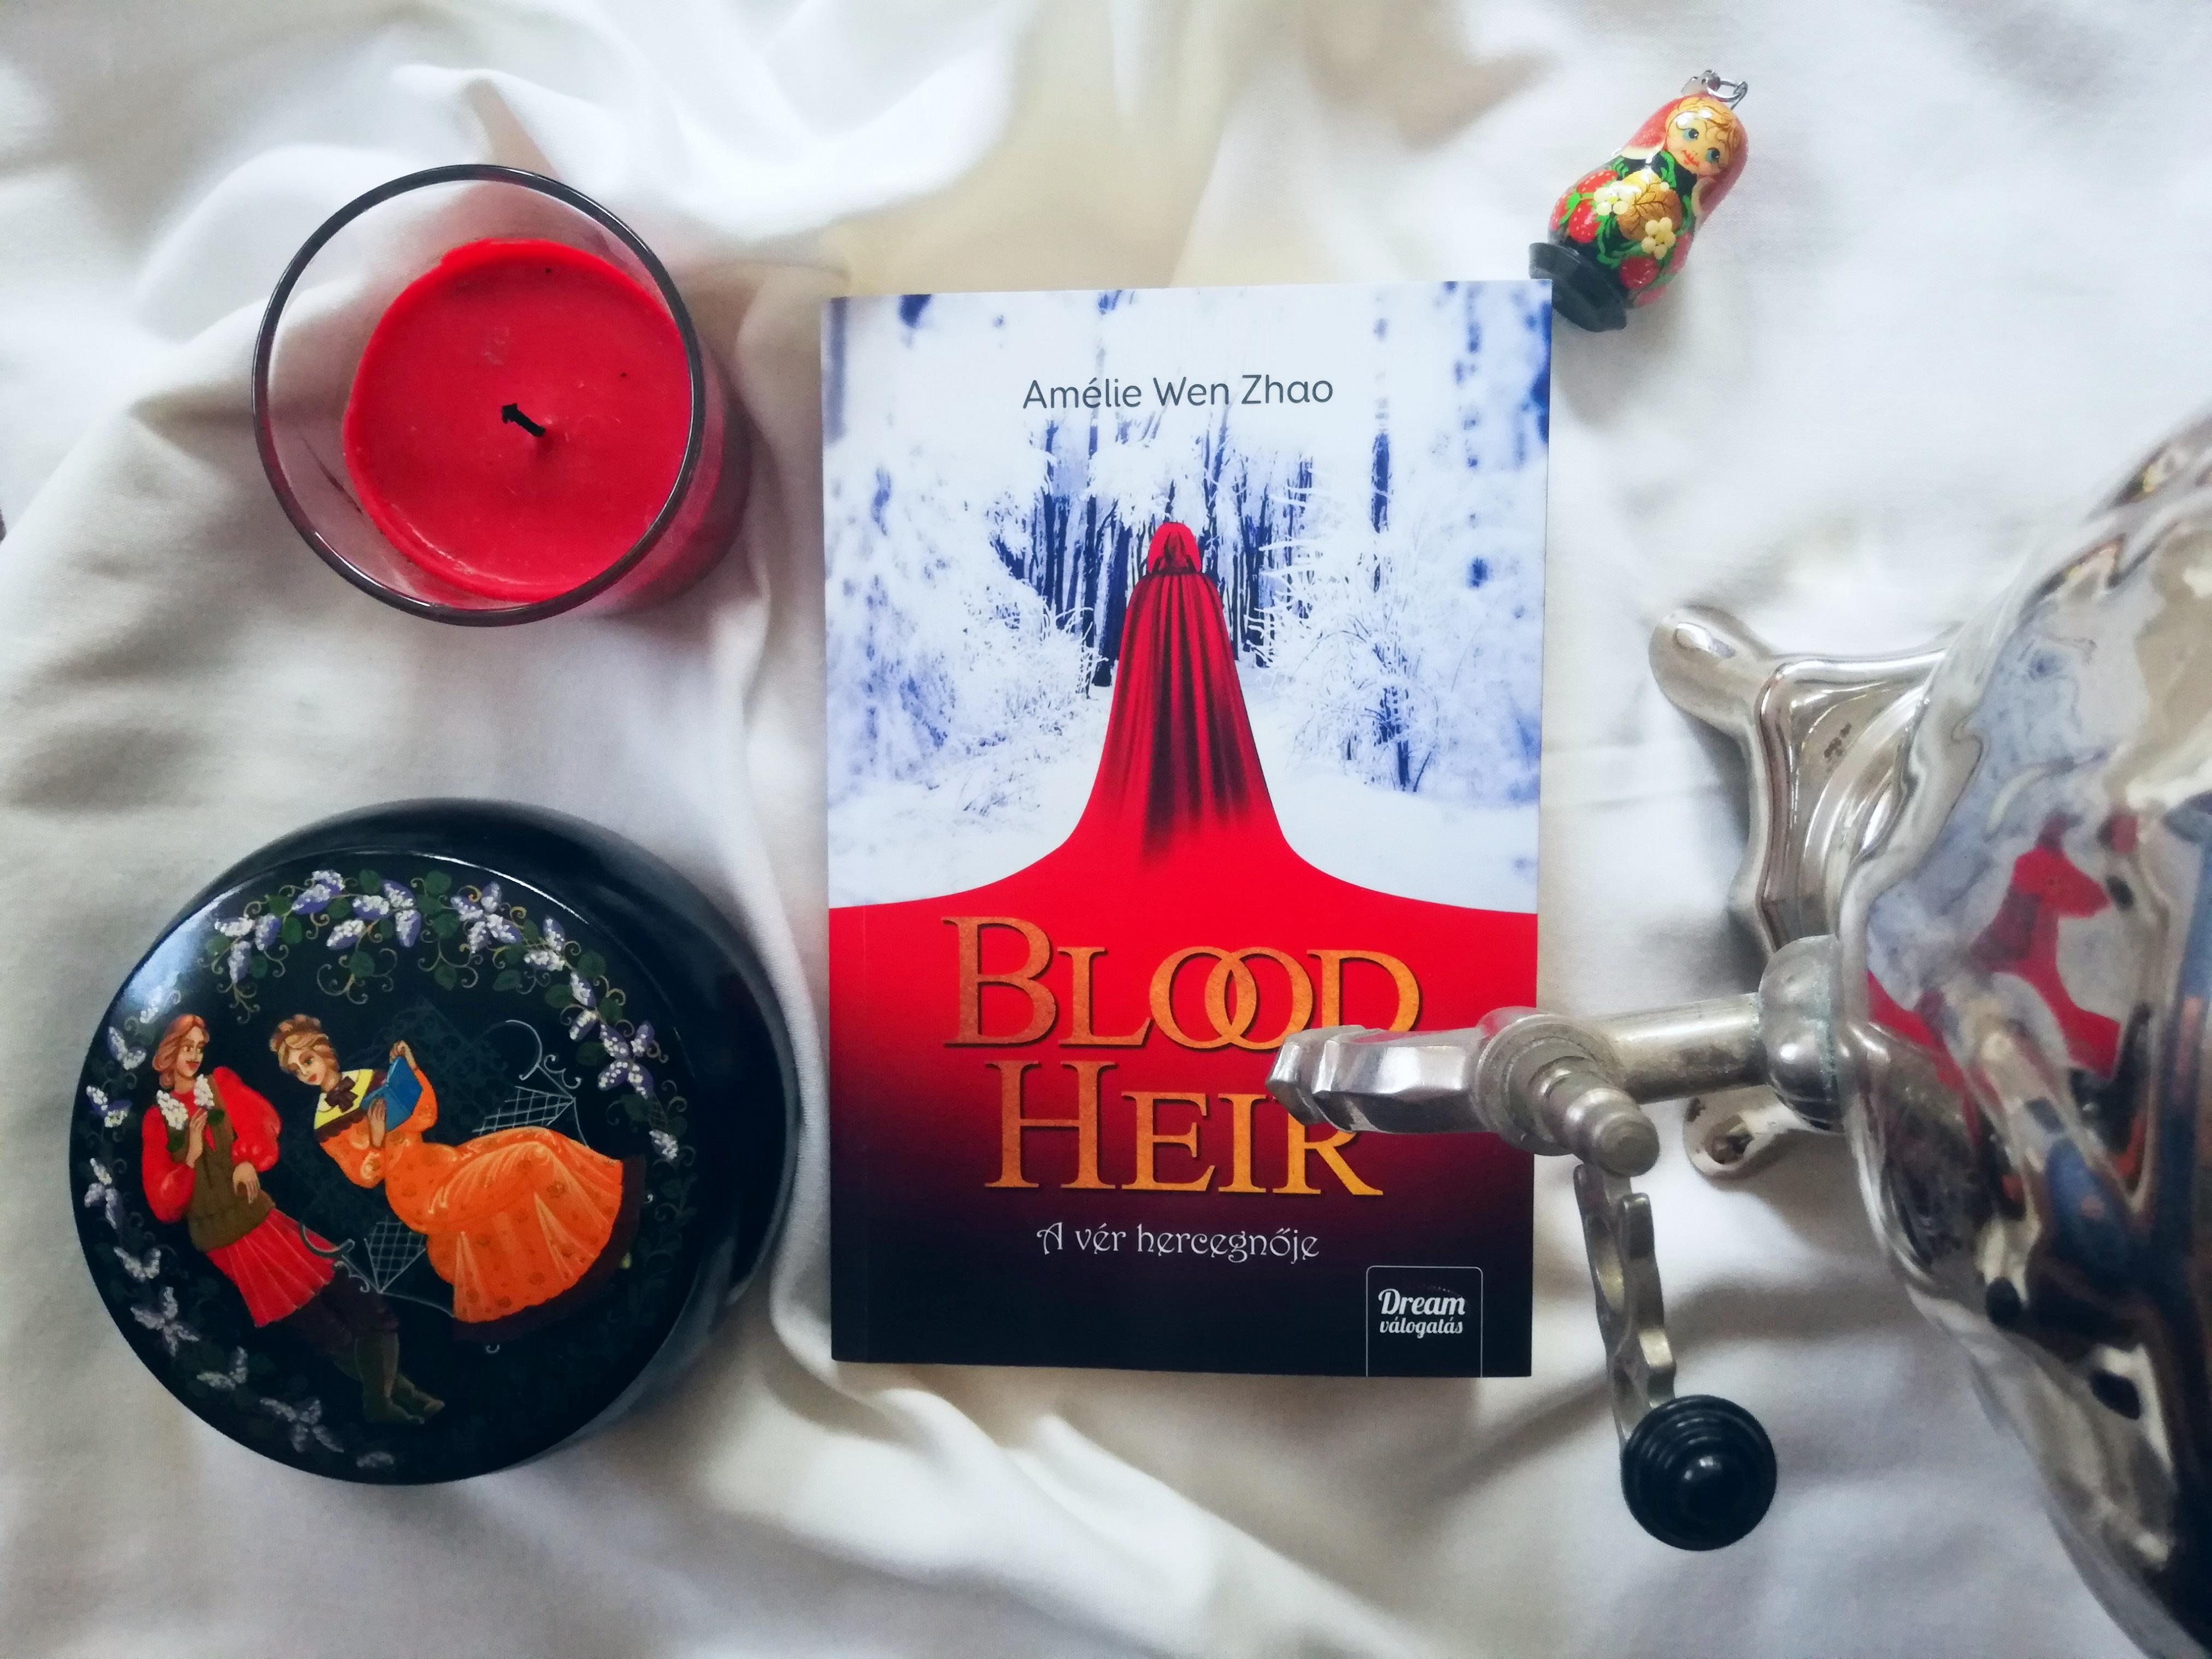 img_blood_heir_blog.jpg